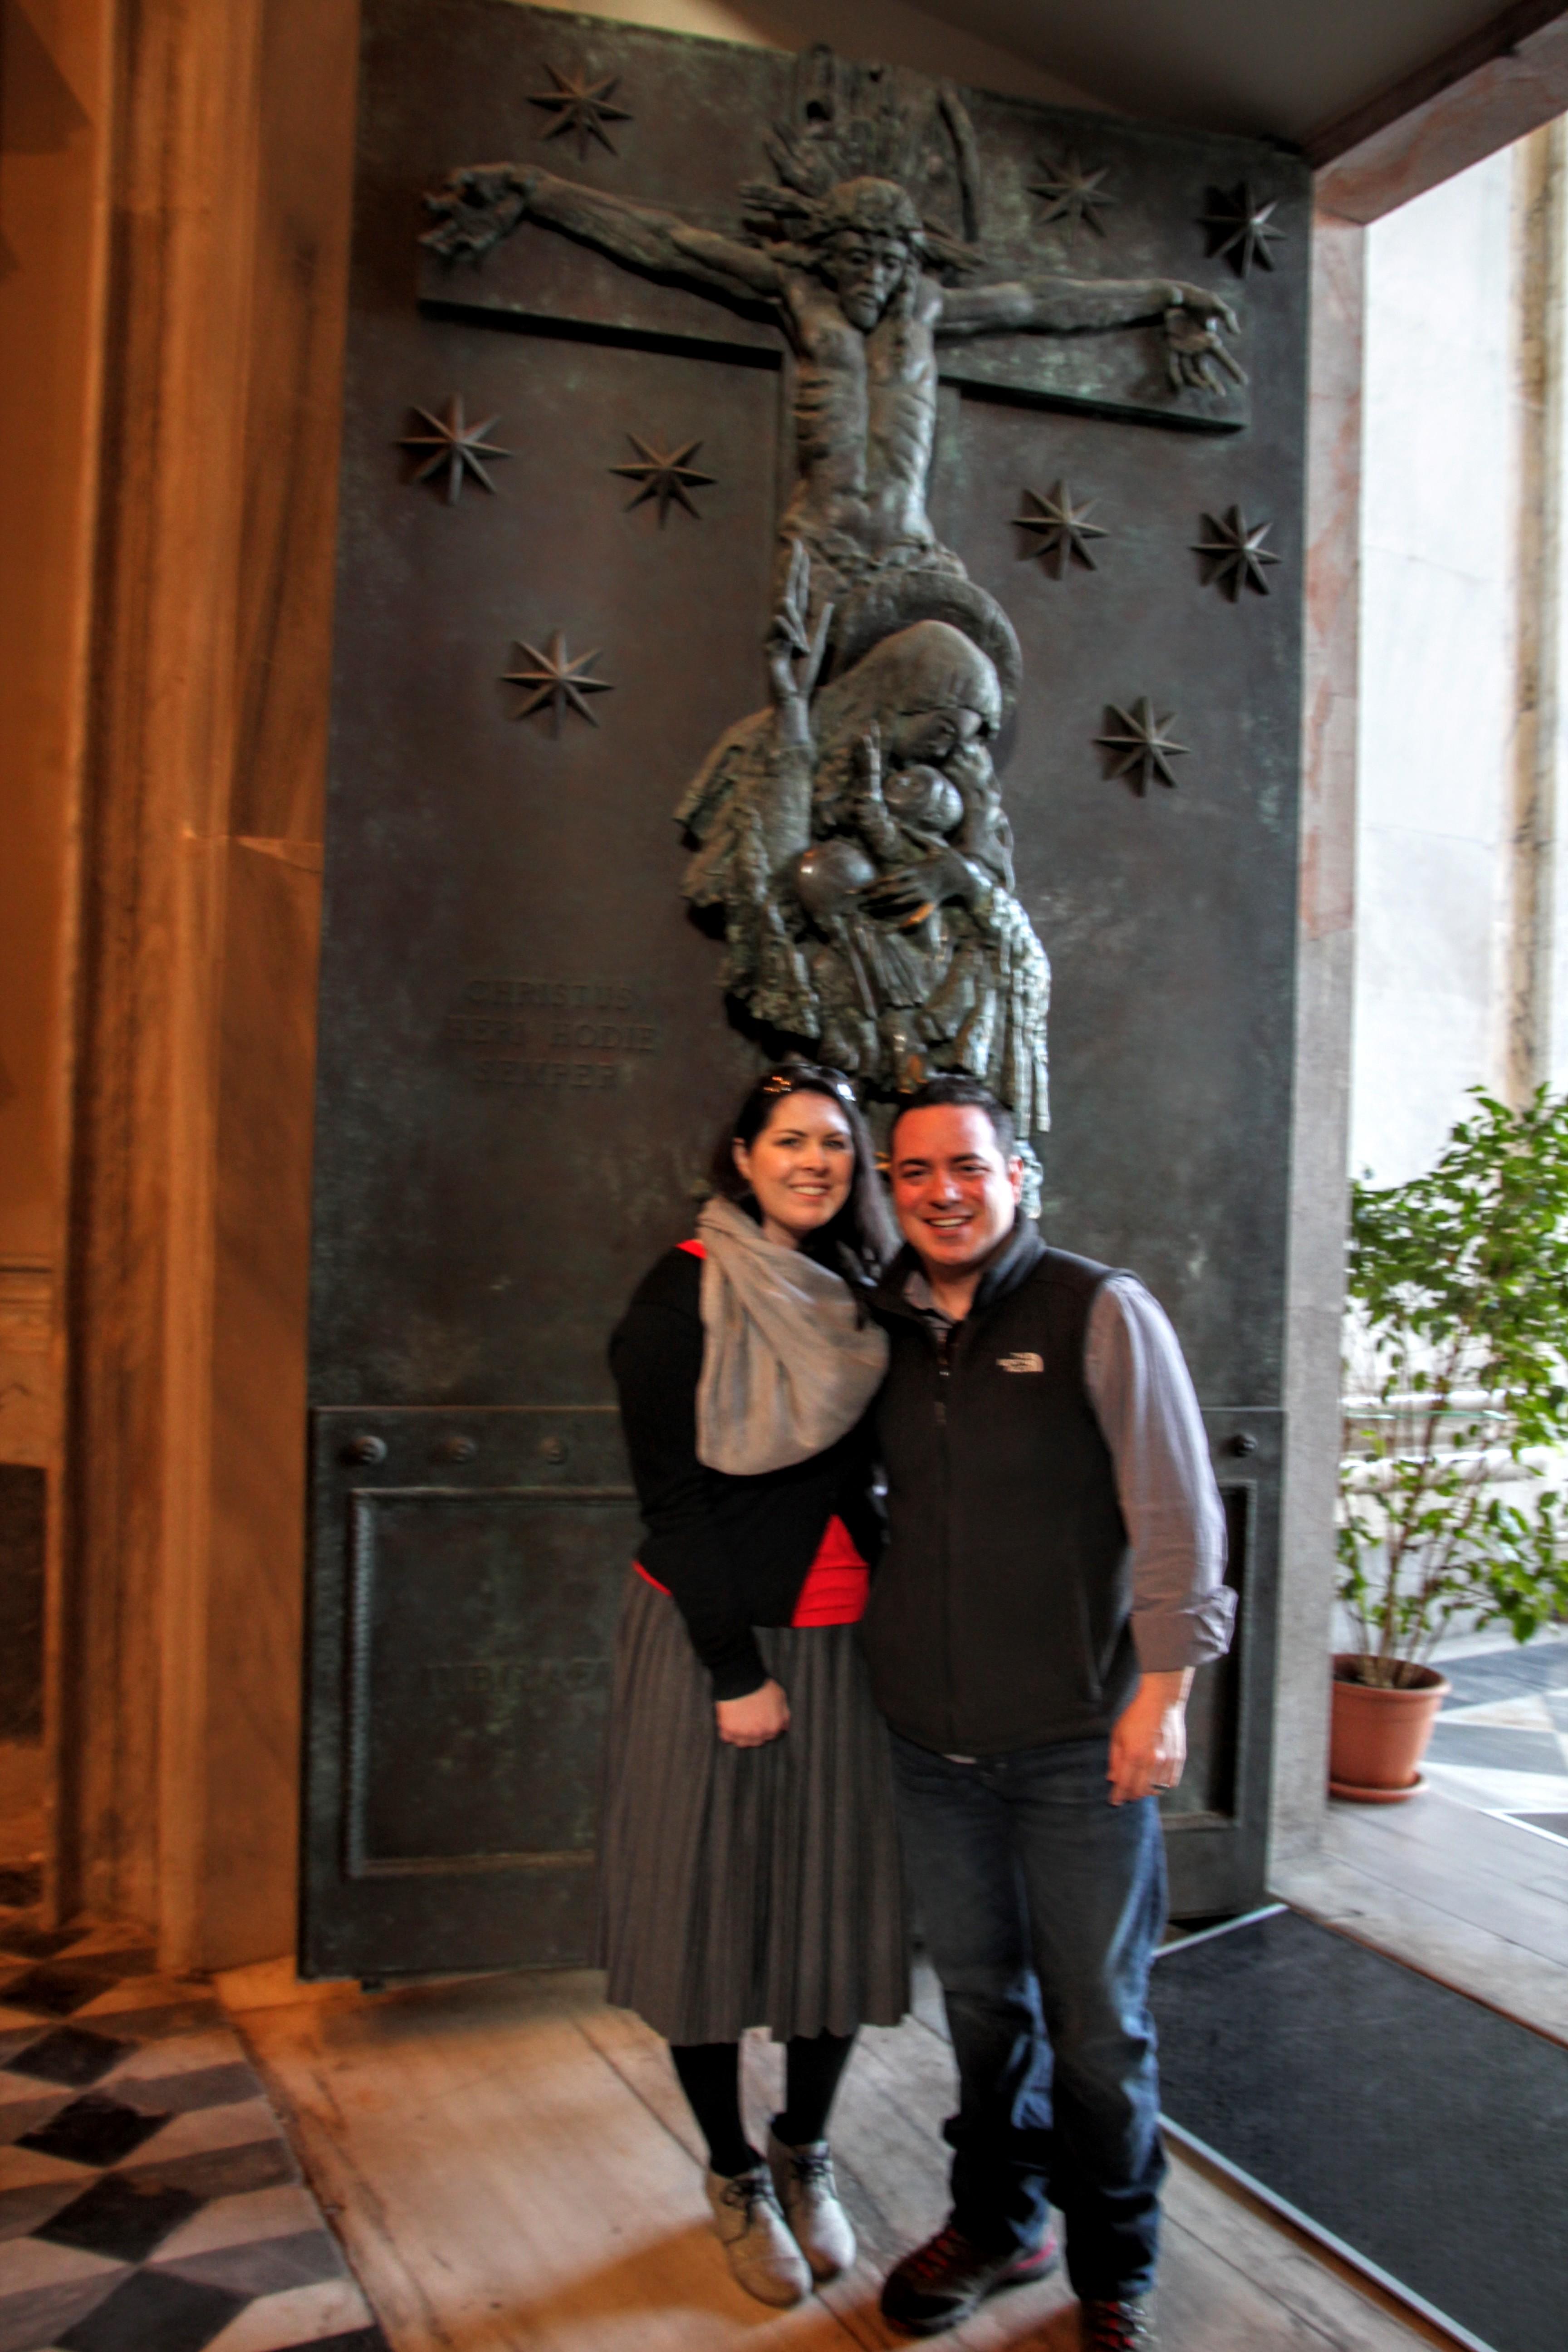 2. St. John Lateran - Rome